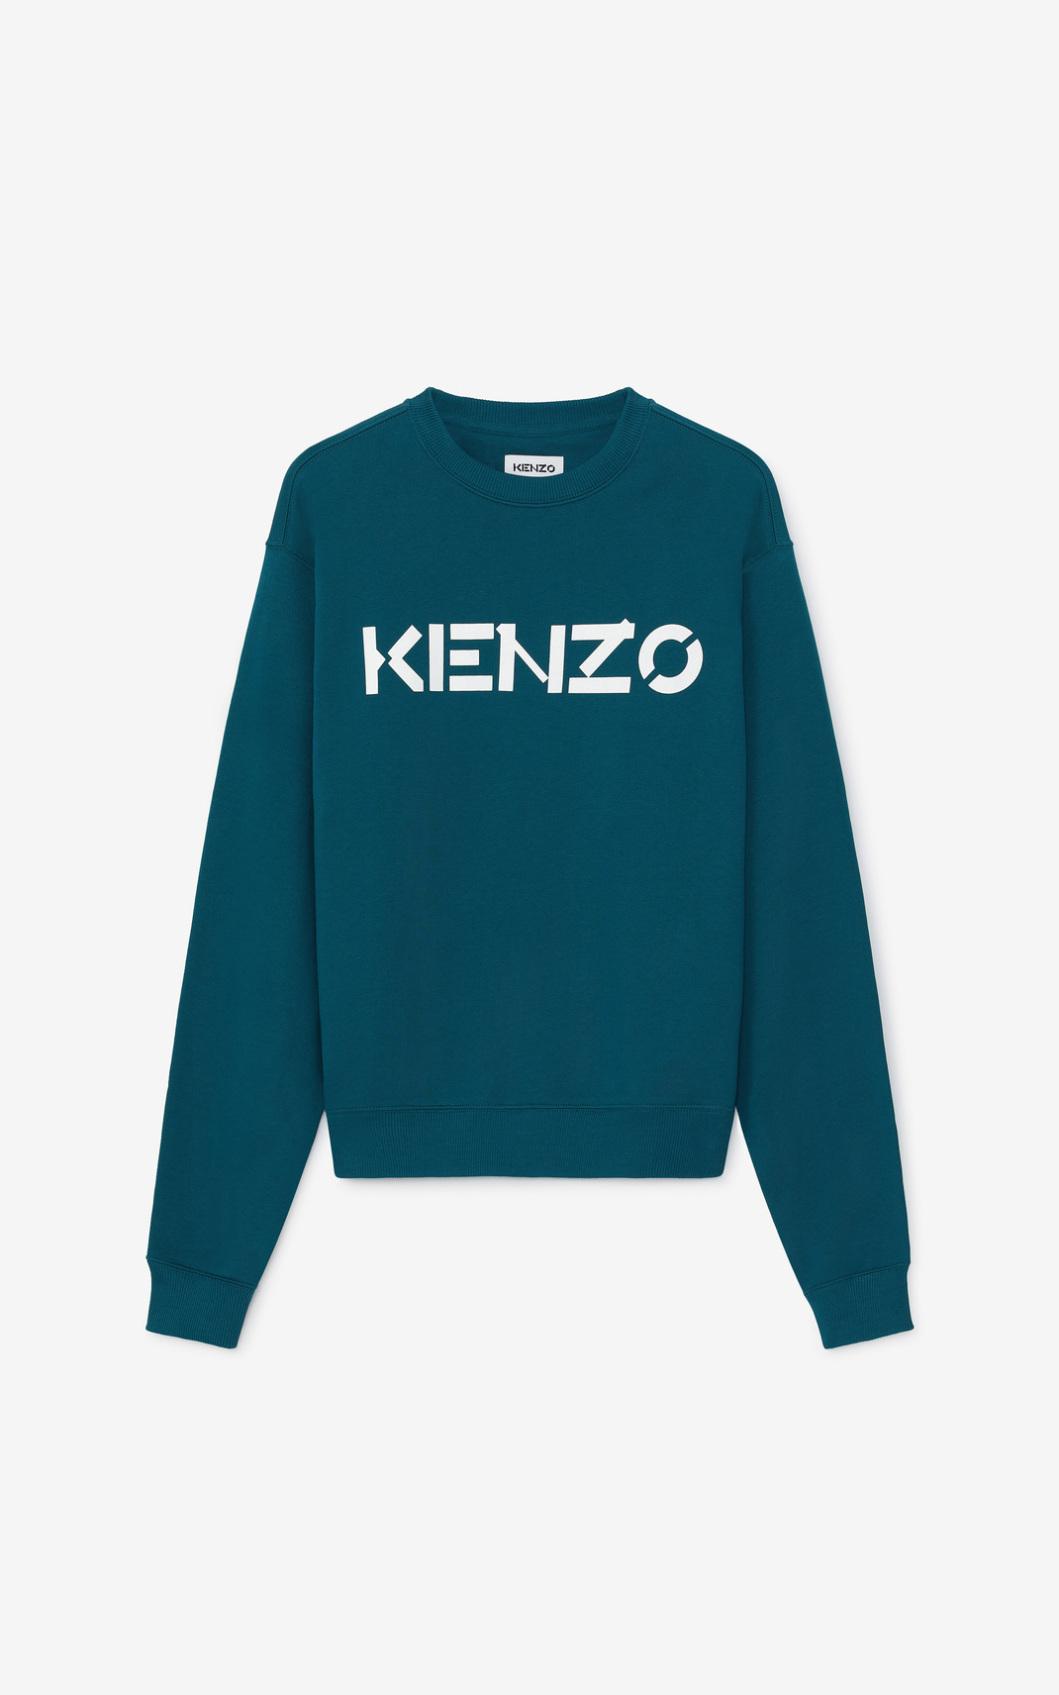 KENZO Sweatshirt KENZO Logo